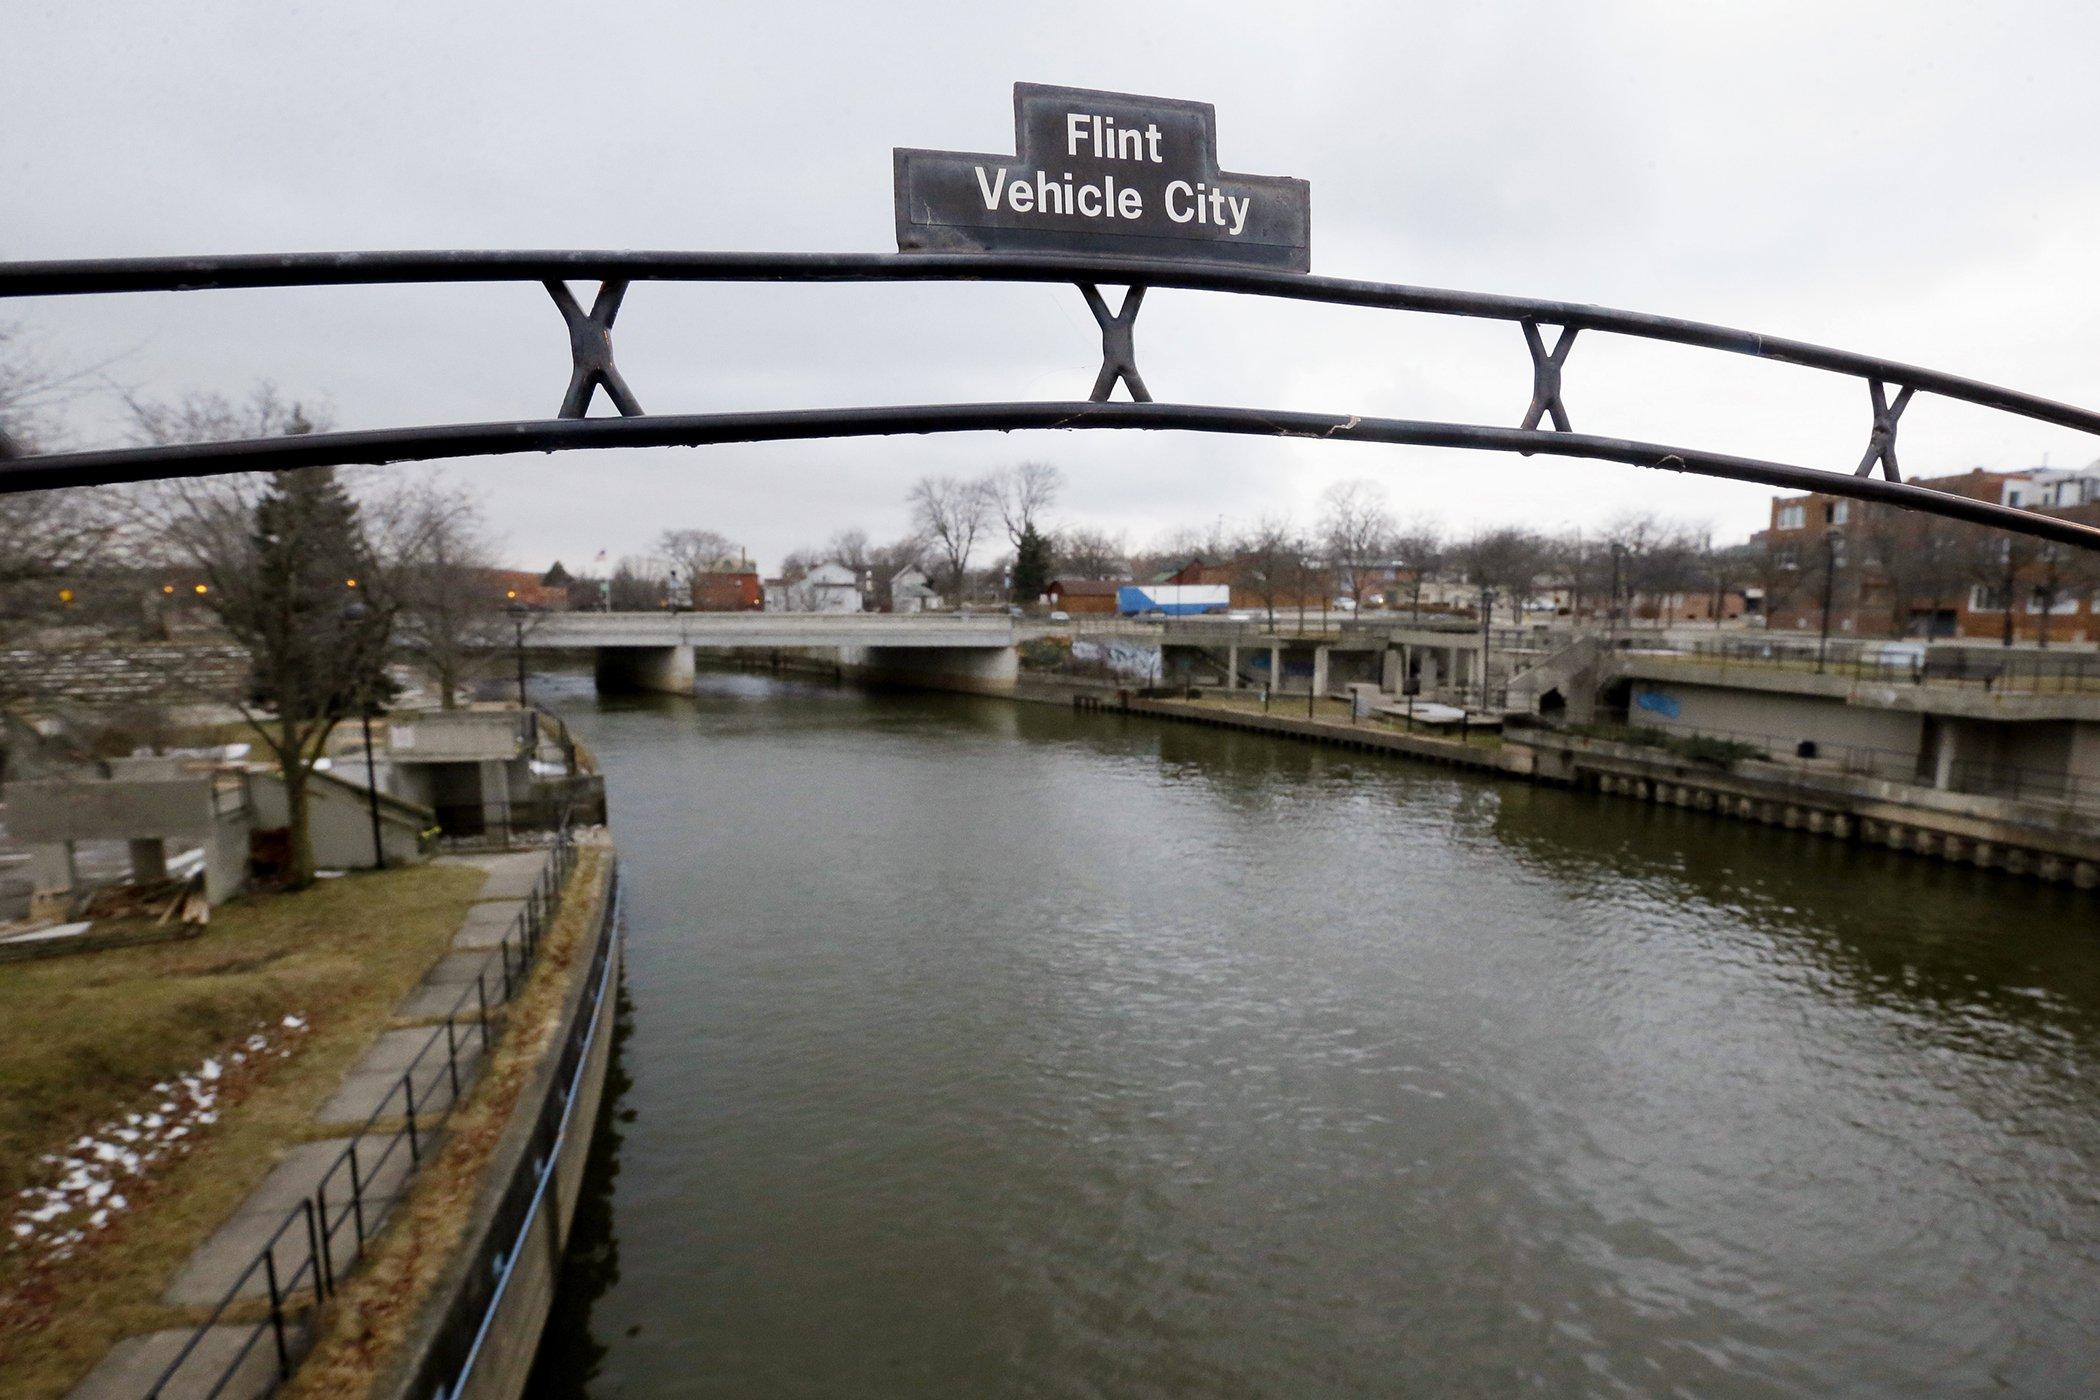 Flint-Water-Crisis-Justice-005.jpg